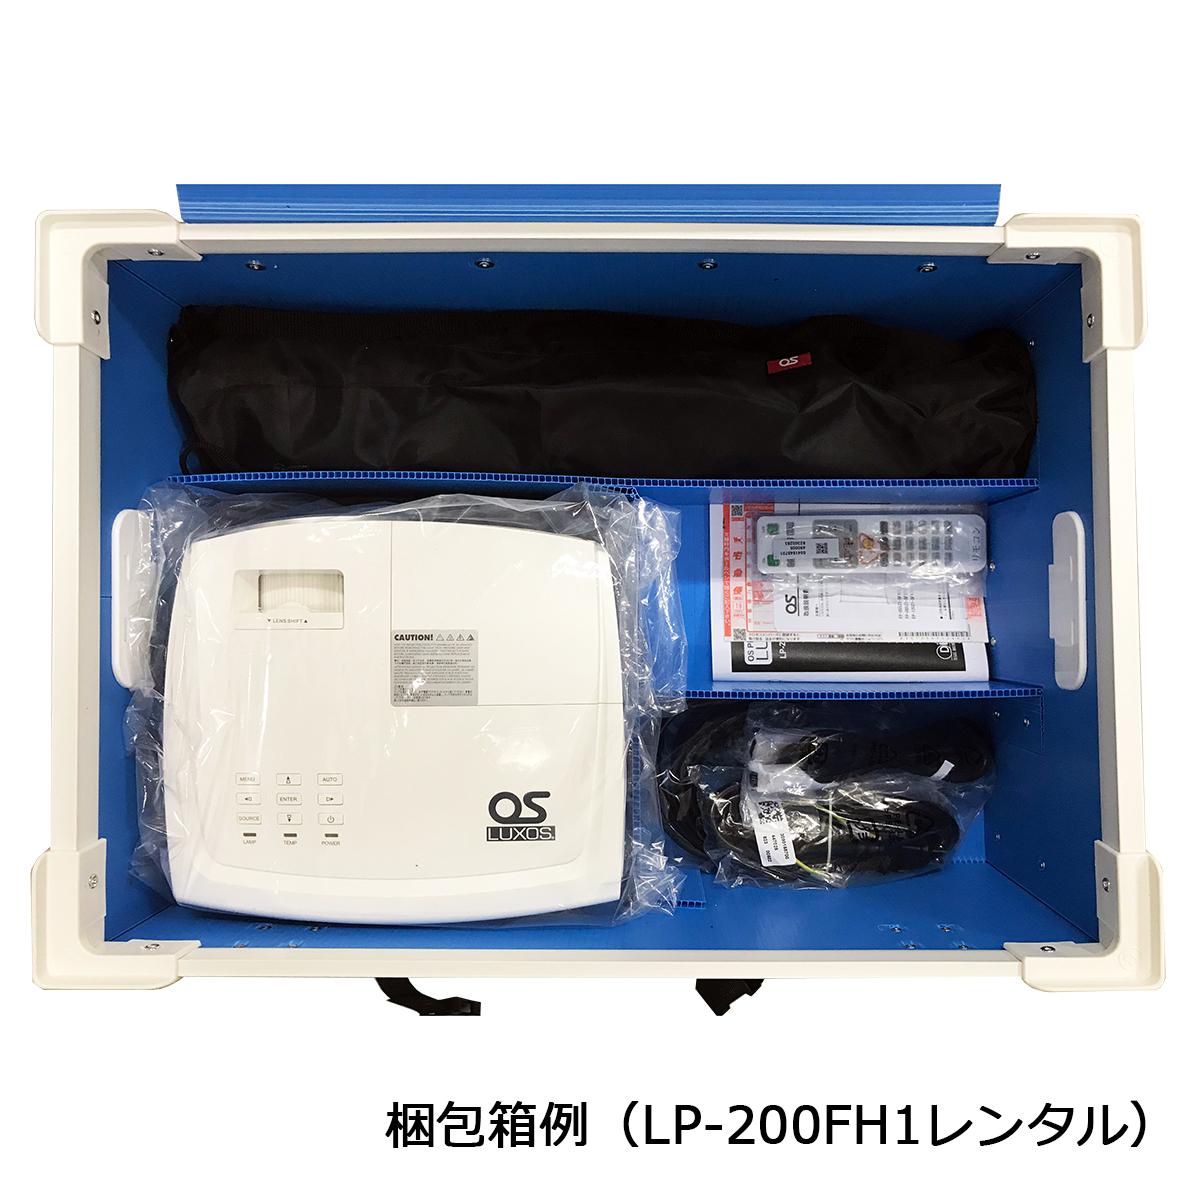 【2泊3日レンタル:10,912円〜】超小型 短焦点 LED モバイルプロジェクター Optoma オプトマ ML1050STJ(120インチ伸縮スクリーン/HDMIケーブル付)